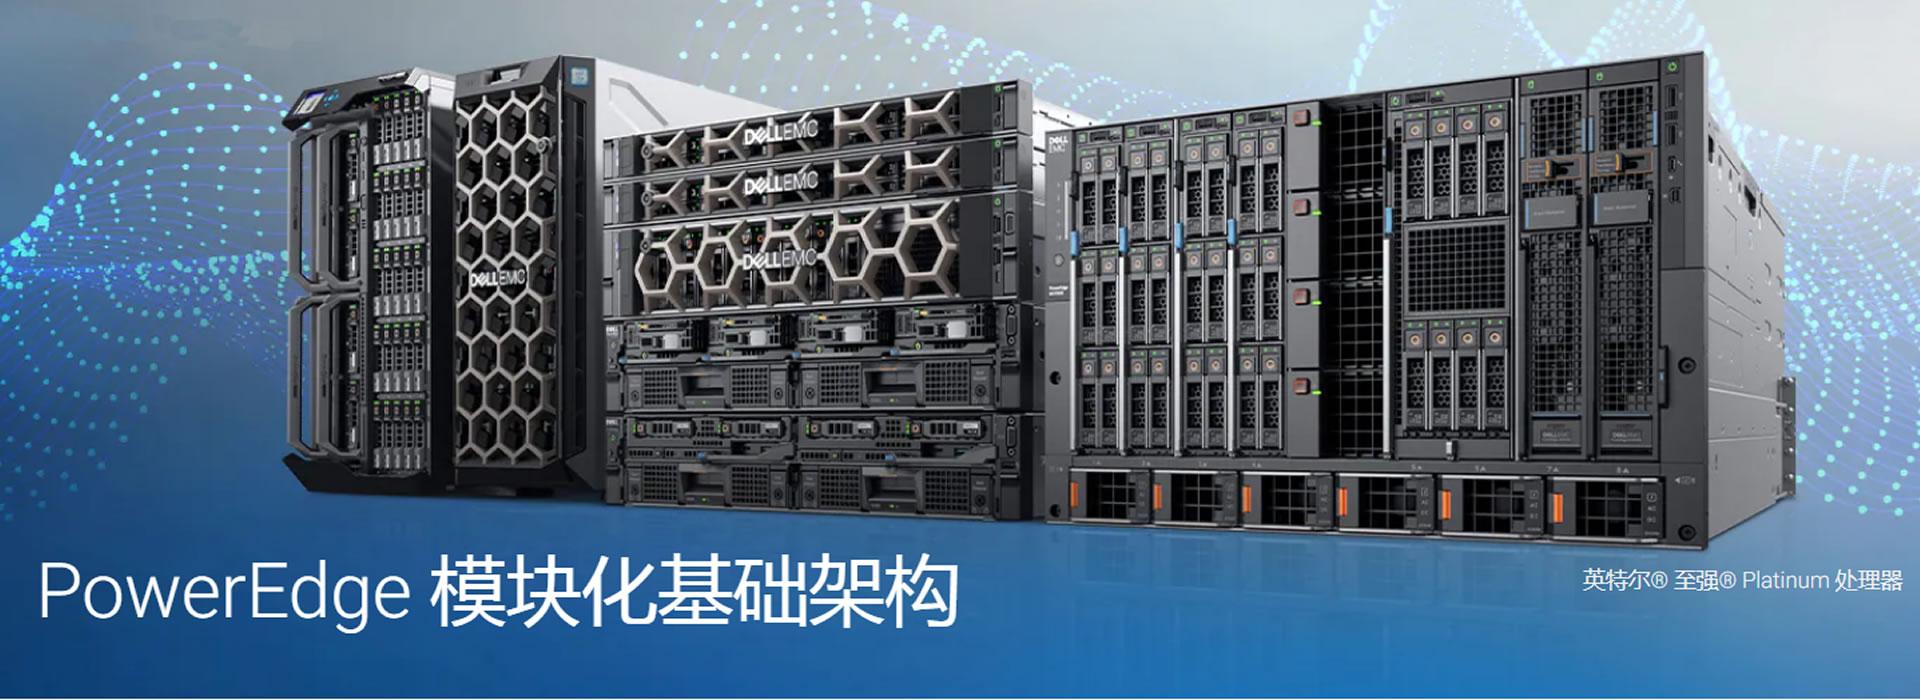 杭州戴尔服务器代理商